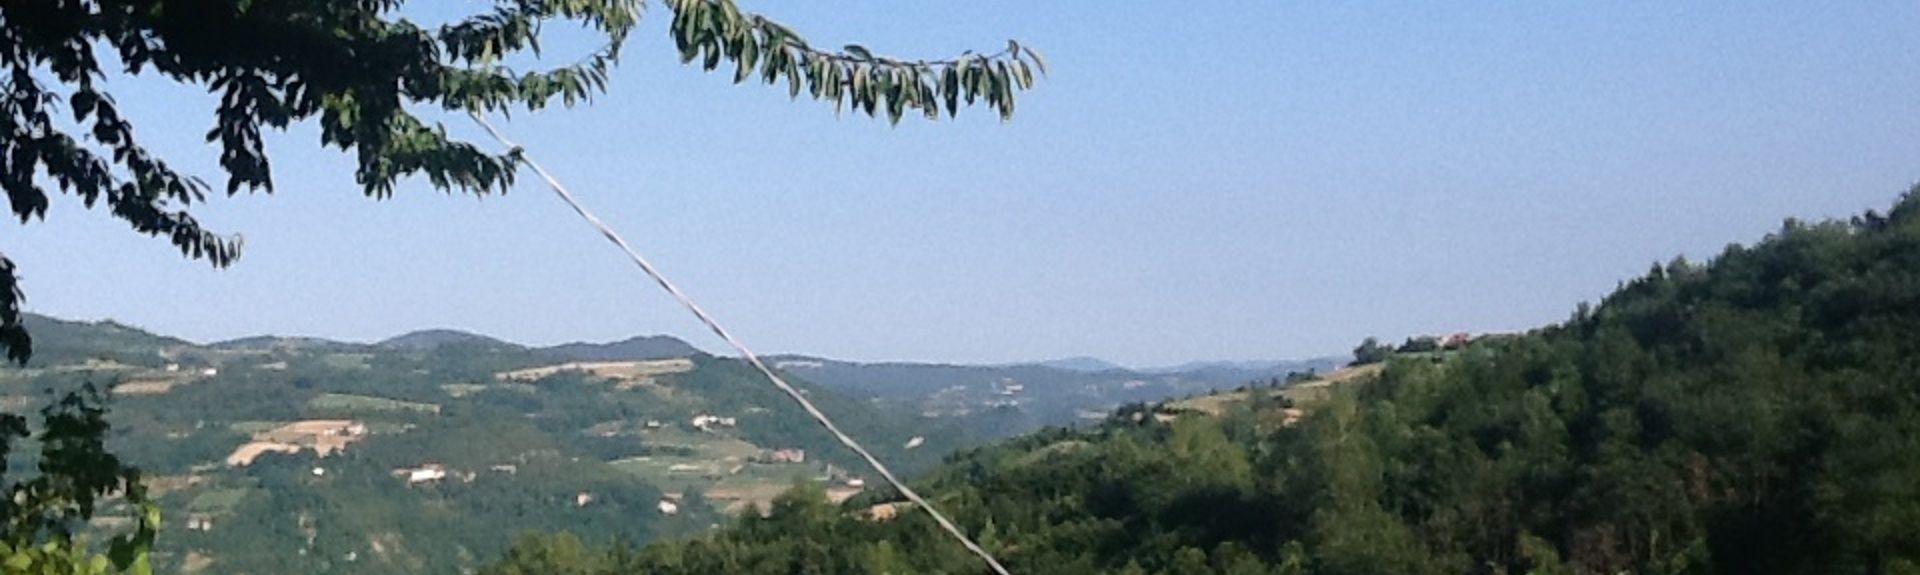 Saliceto, Cuneo, Piedmont, Italy